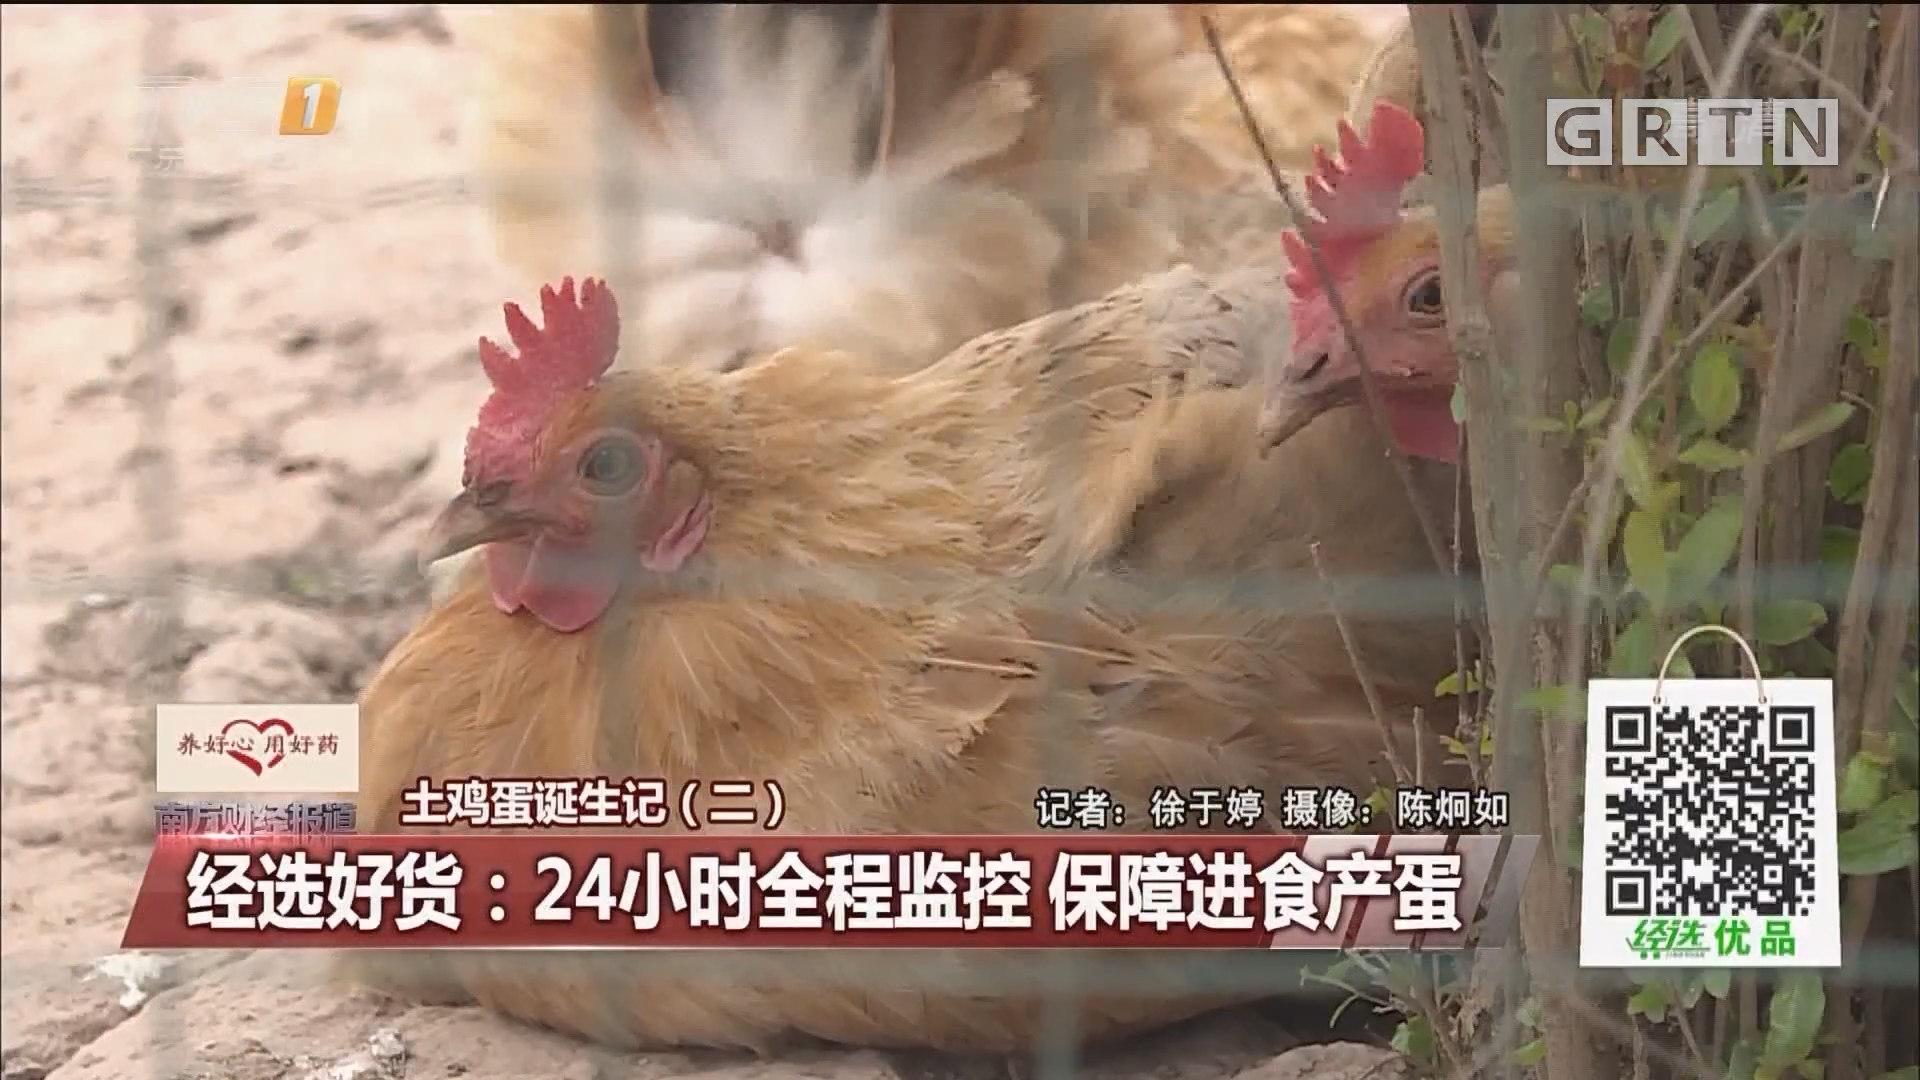 土鸡蛋诞生记(二) 经选好货:24小时全程监控 保障进食产蛋